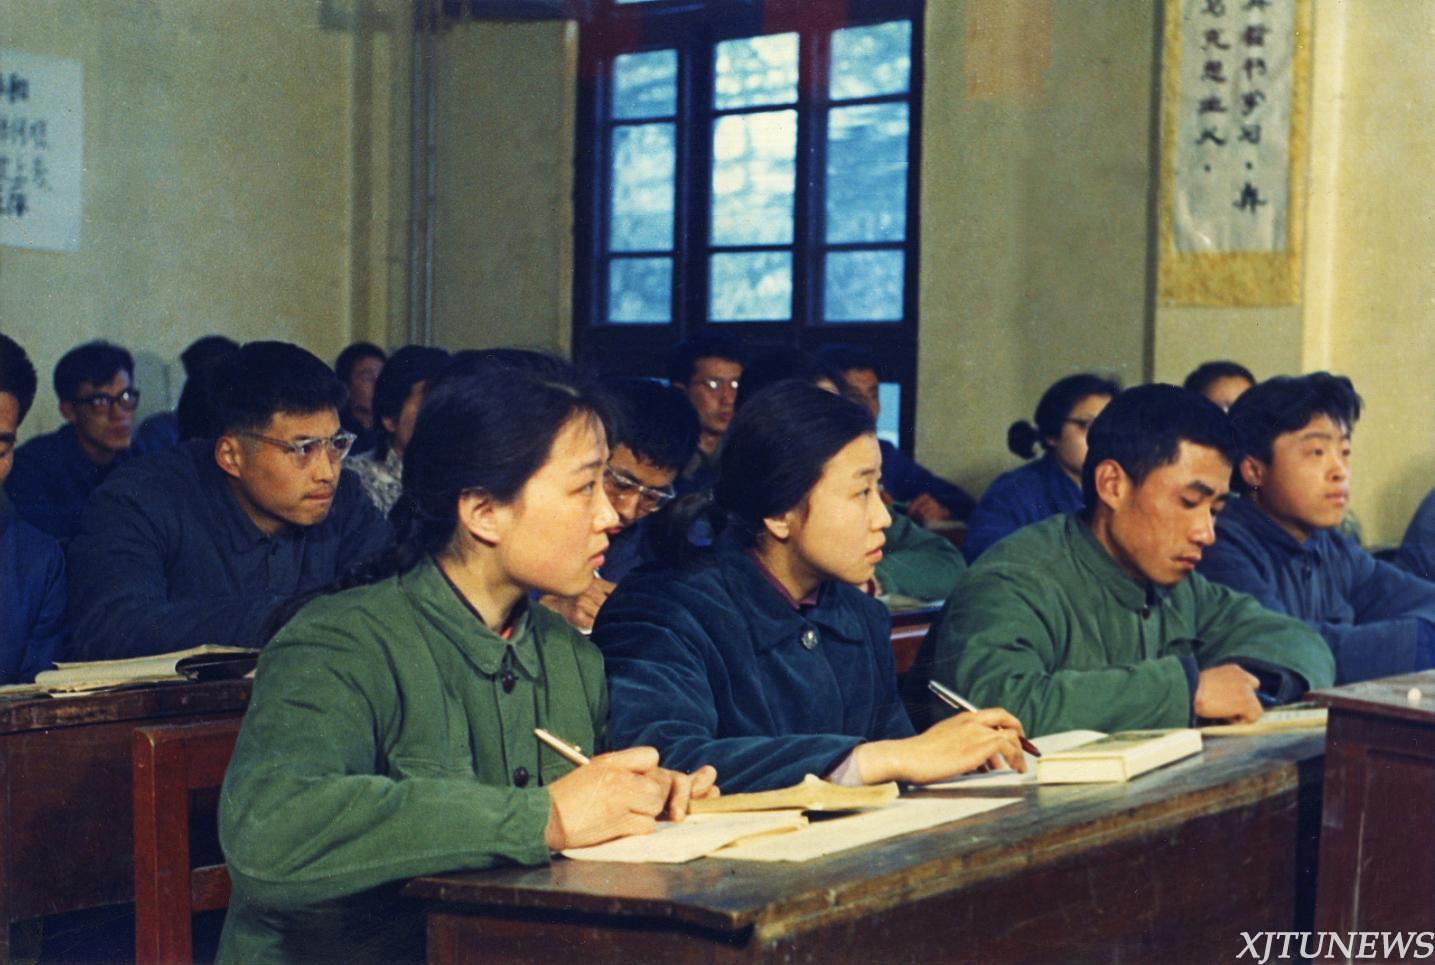 【回眸四十年】搏击改革壮阔潮 镌刻爱国奋斗情